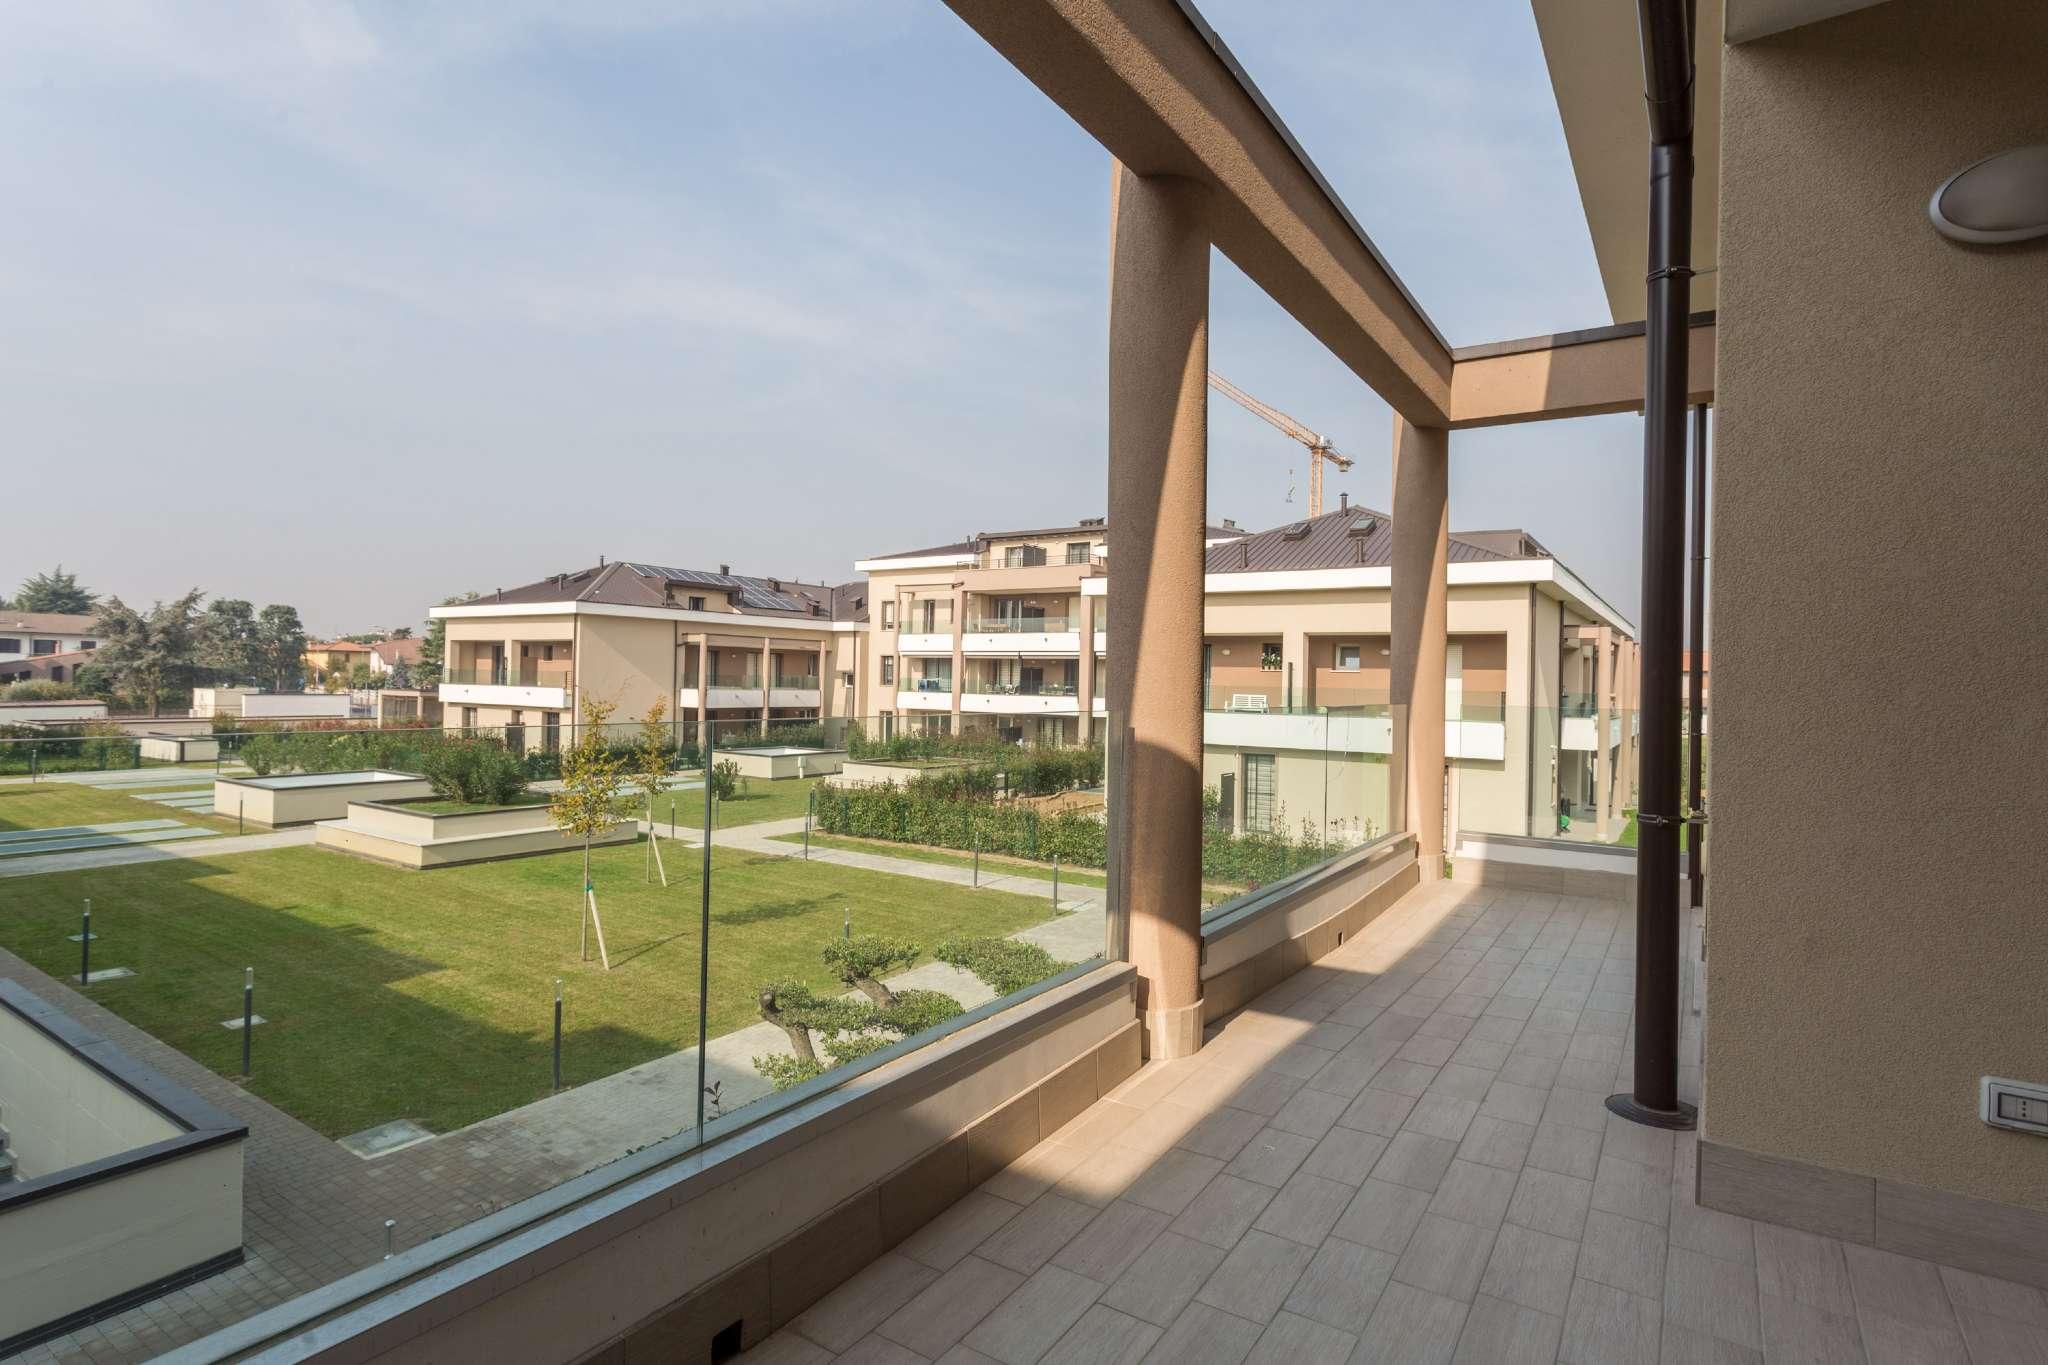 Appartamento in vendita a Cassina de' Pecchi, 4 locali, prezzo € 372.000 | CambioCasa.it